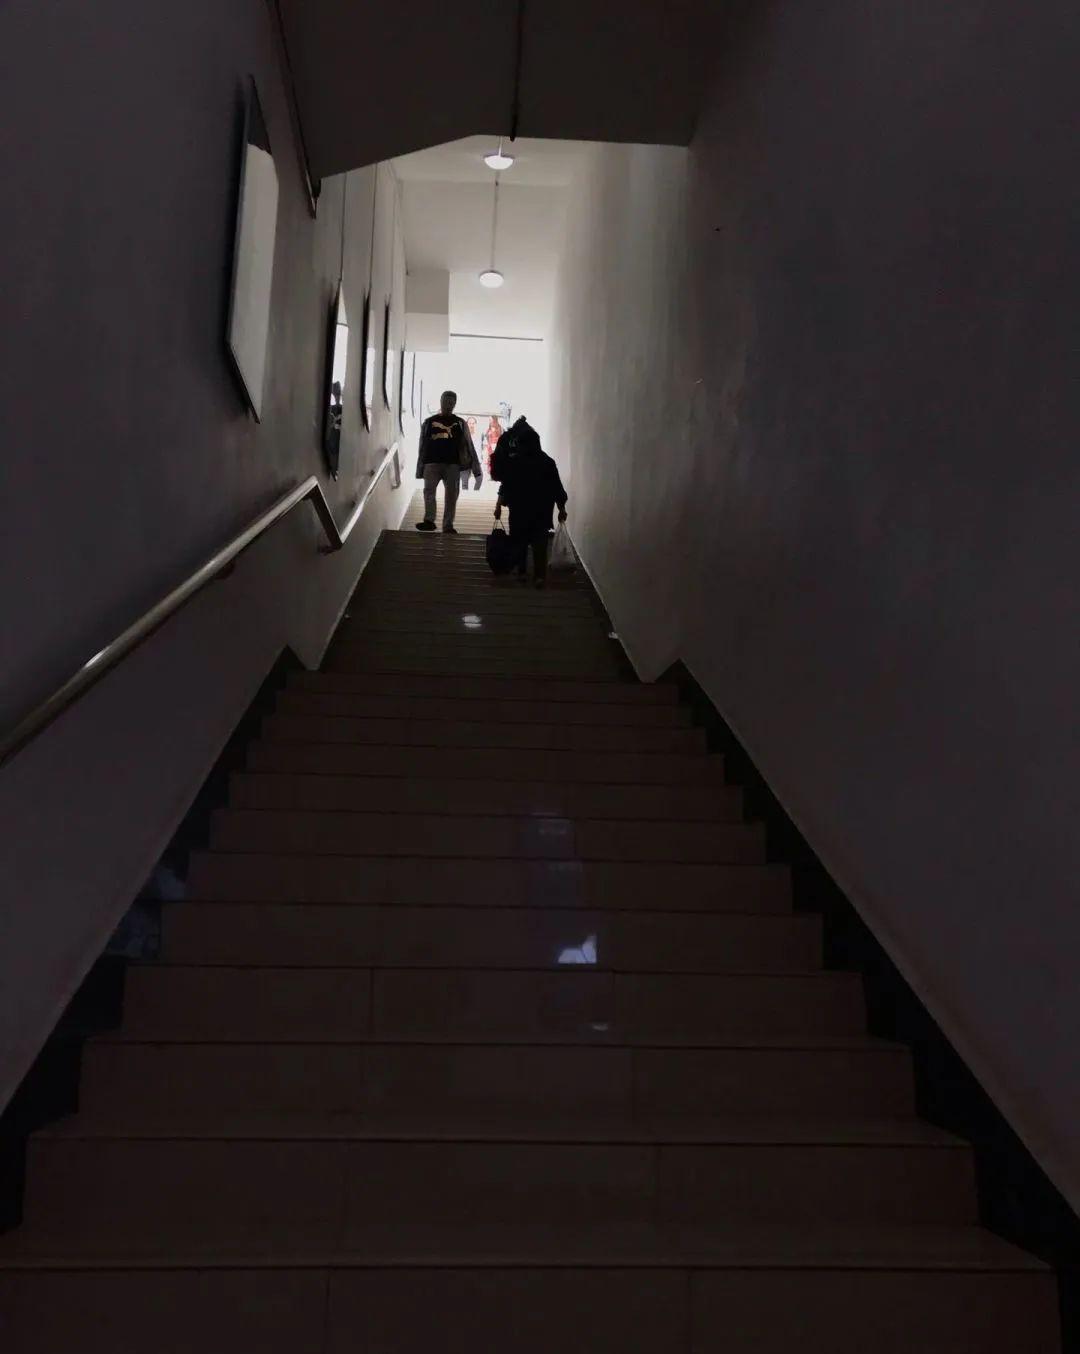 找到正确出口以前,又有谁能知道自己会在这种楼梯上爬上爬下几回 图 | 知乎